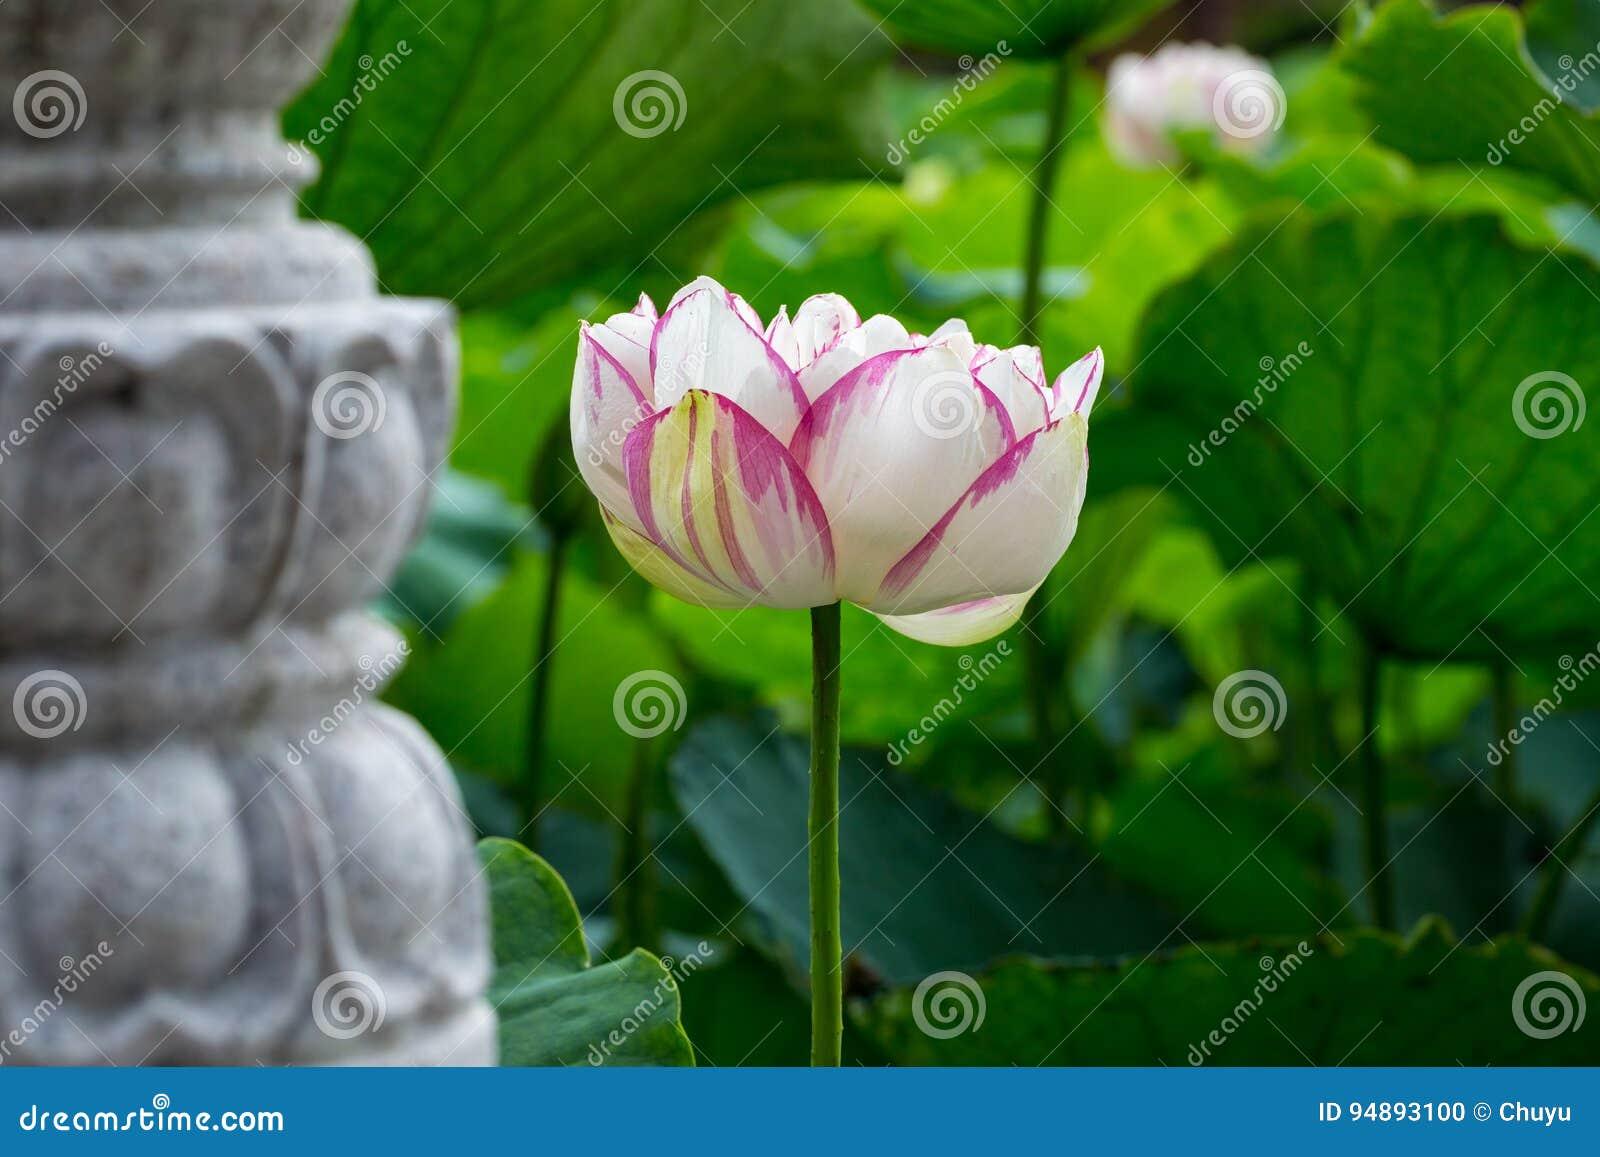 Buddha Lotus Flower Stock Photo Image Of Plant Background 94893100